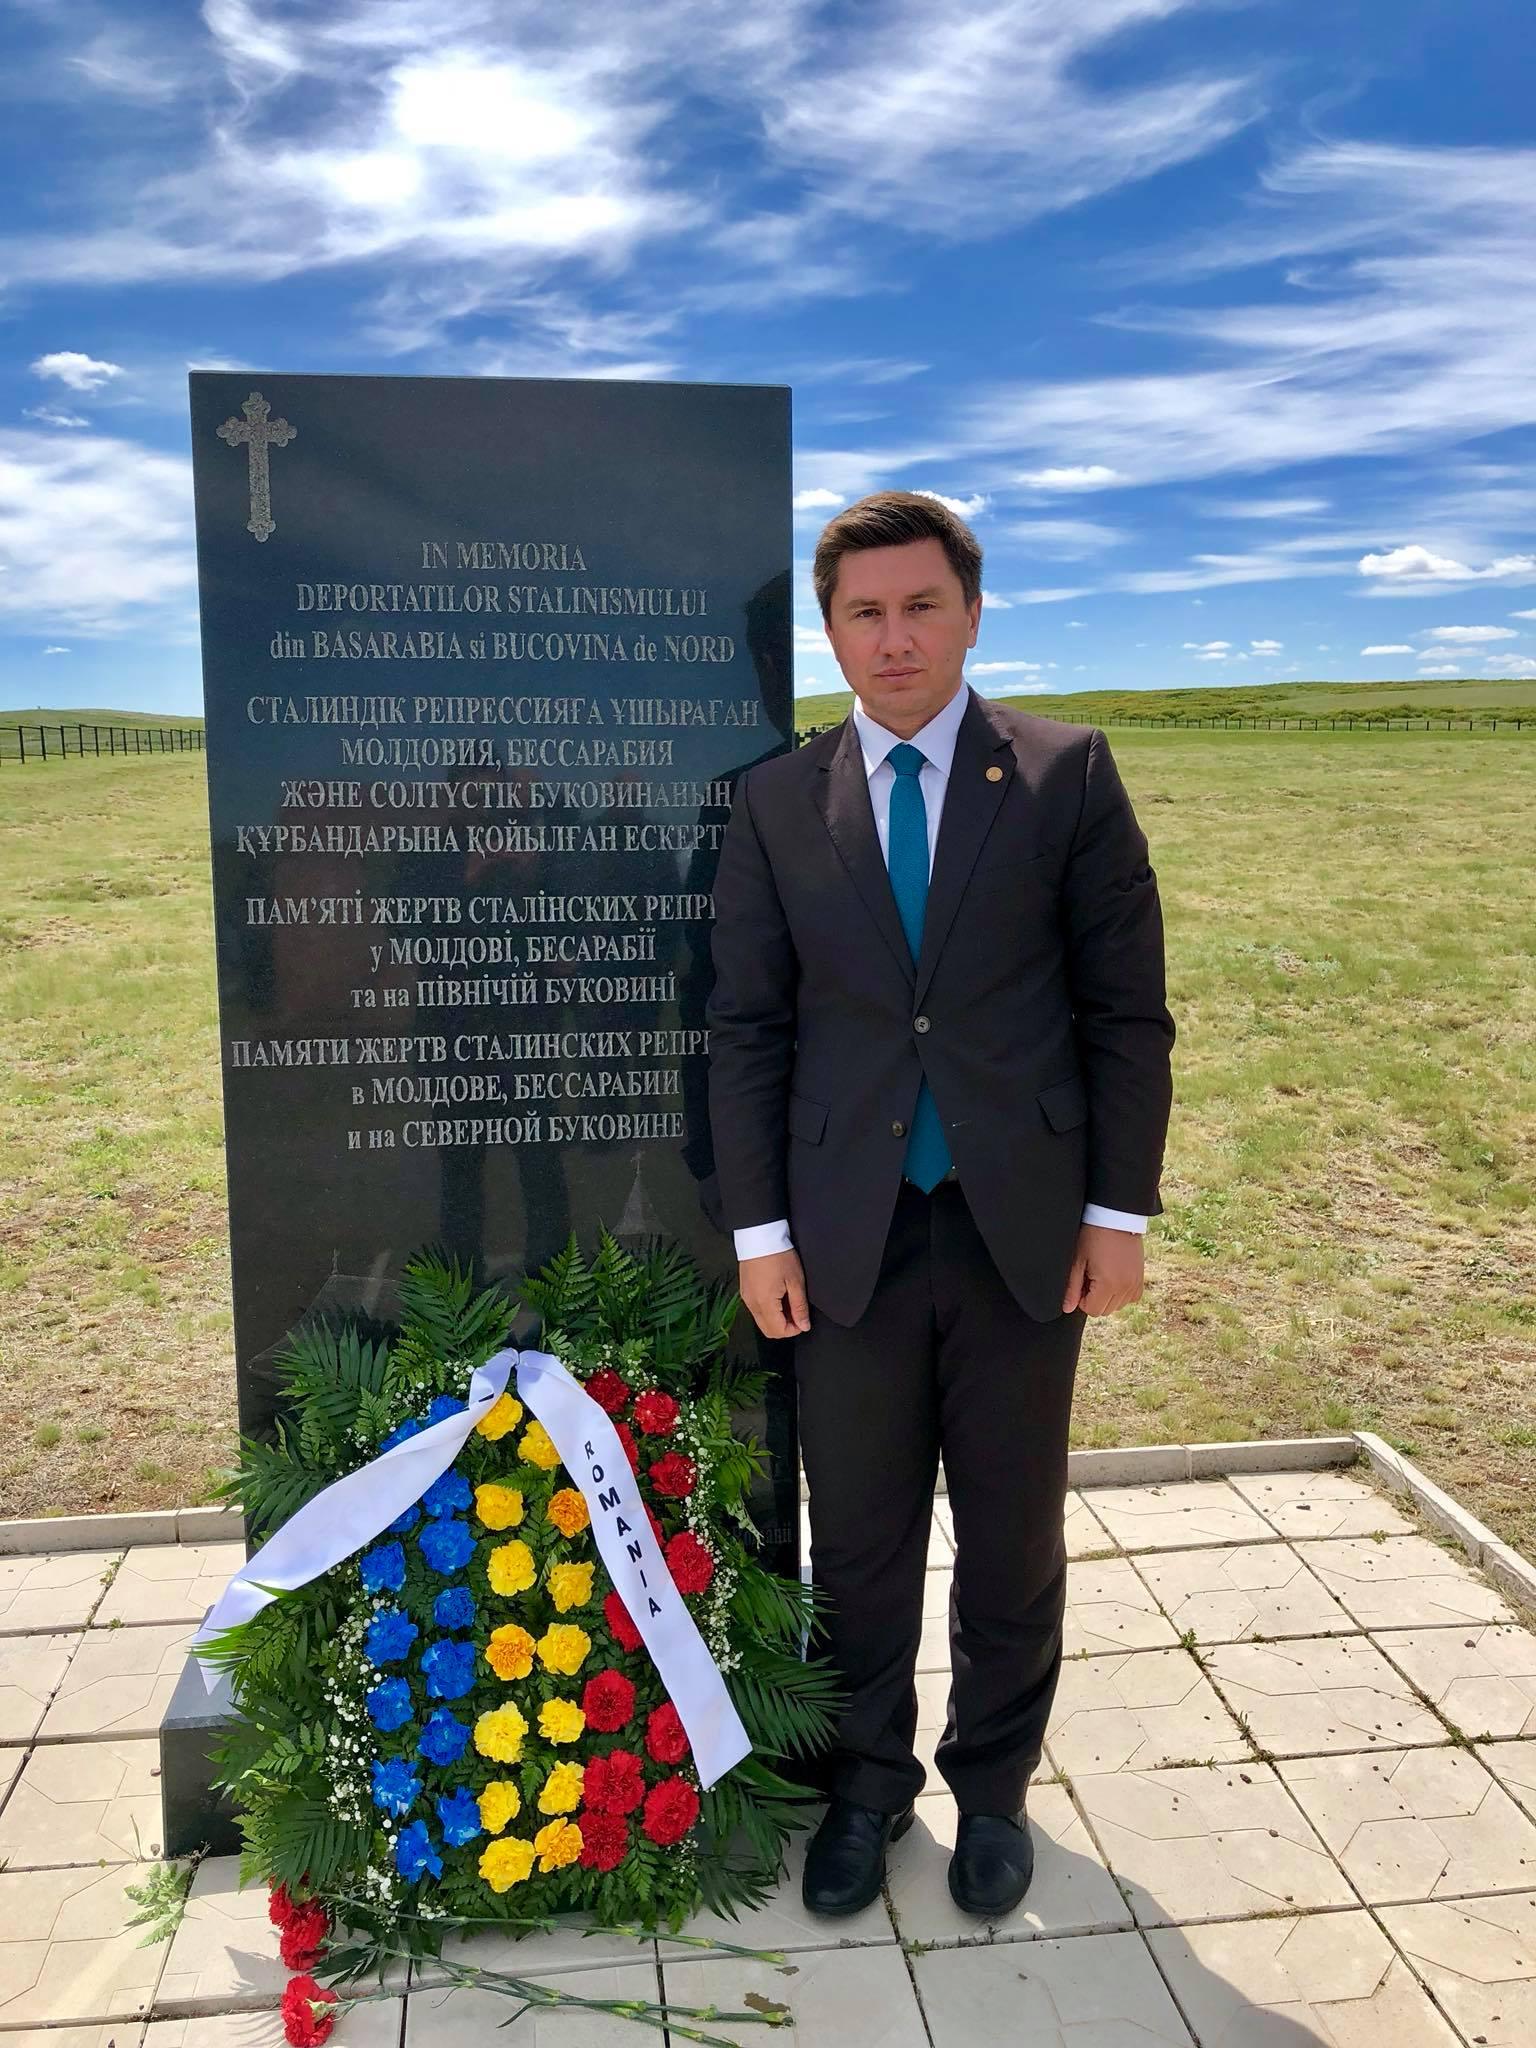 Deputat Constantin Codreanu Kazahstan